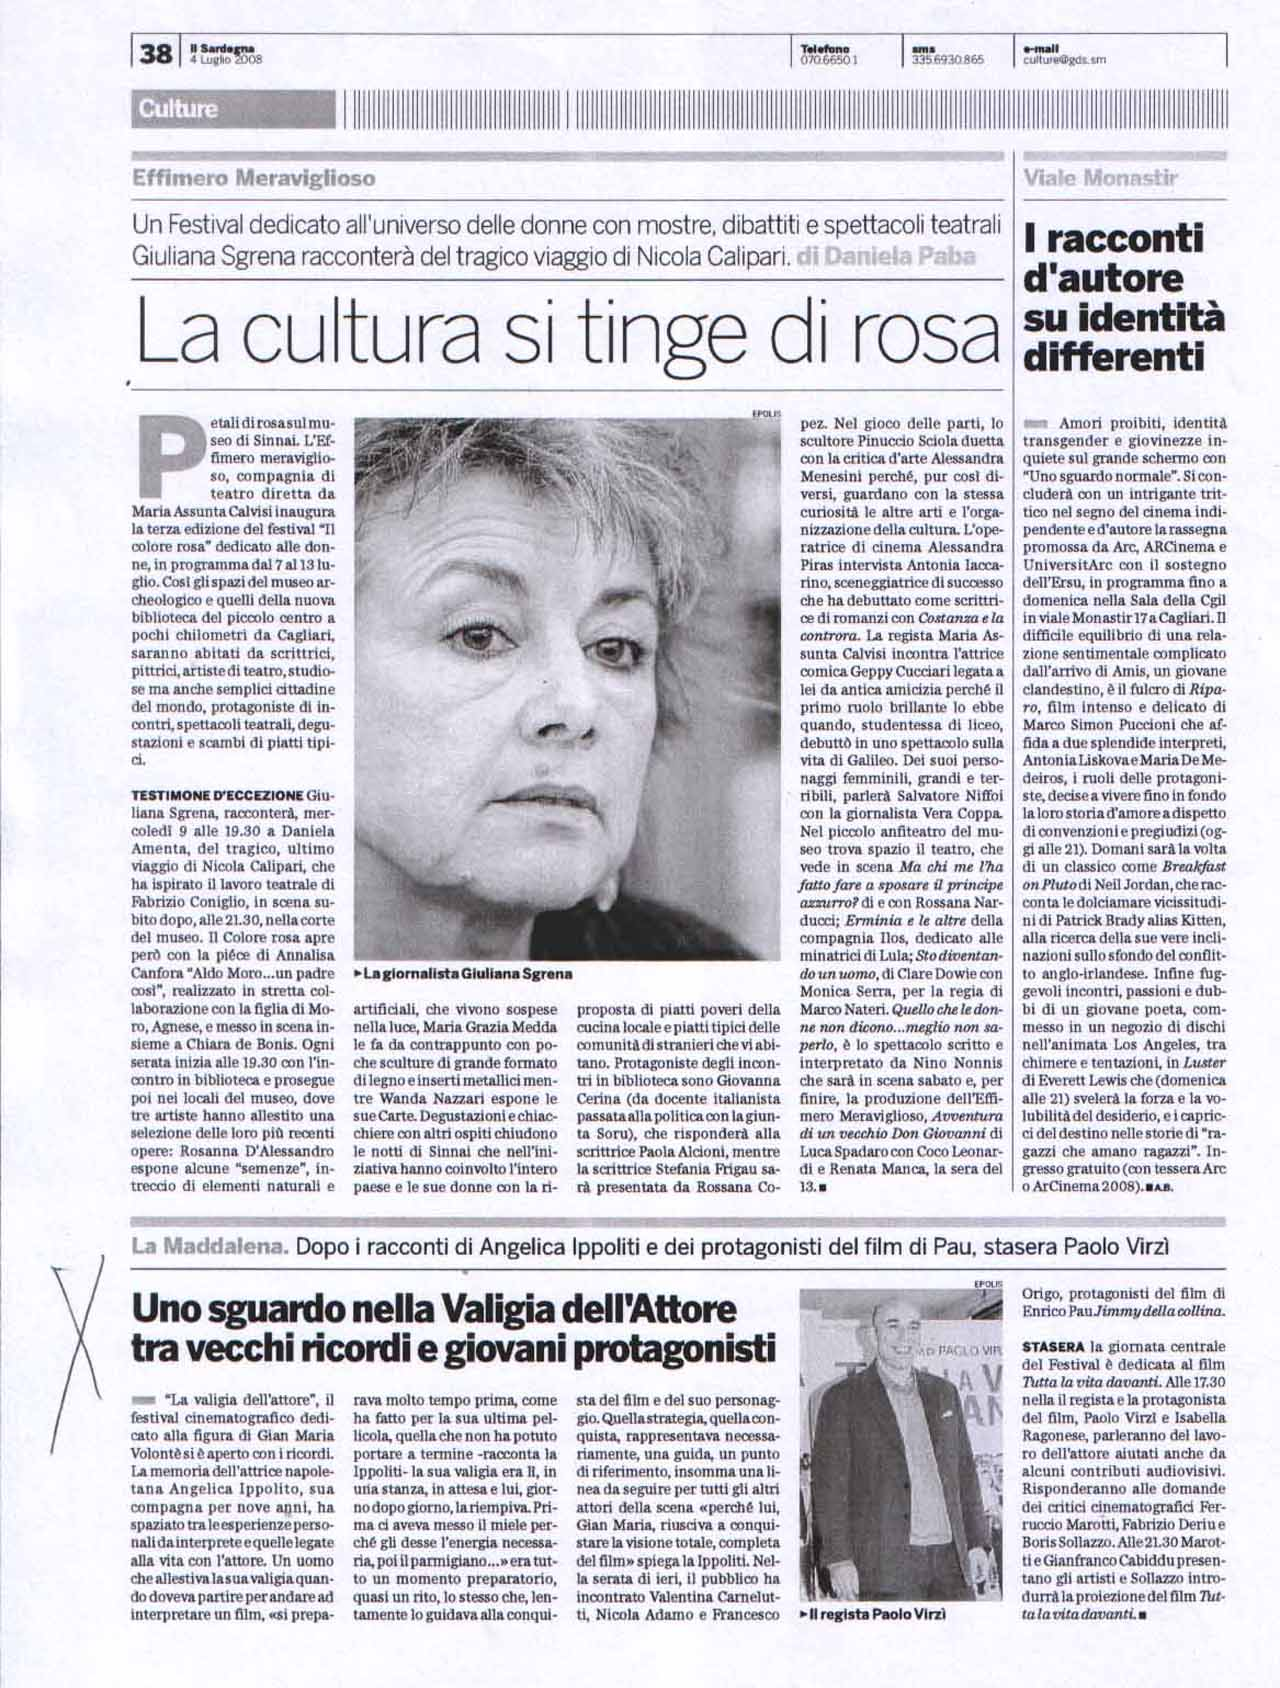 04-07-08 Il Sardegna Culture  1 - Copia